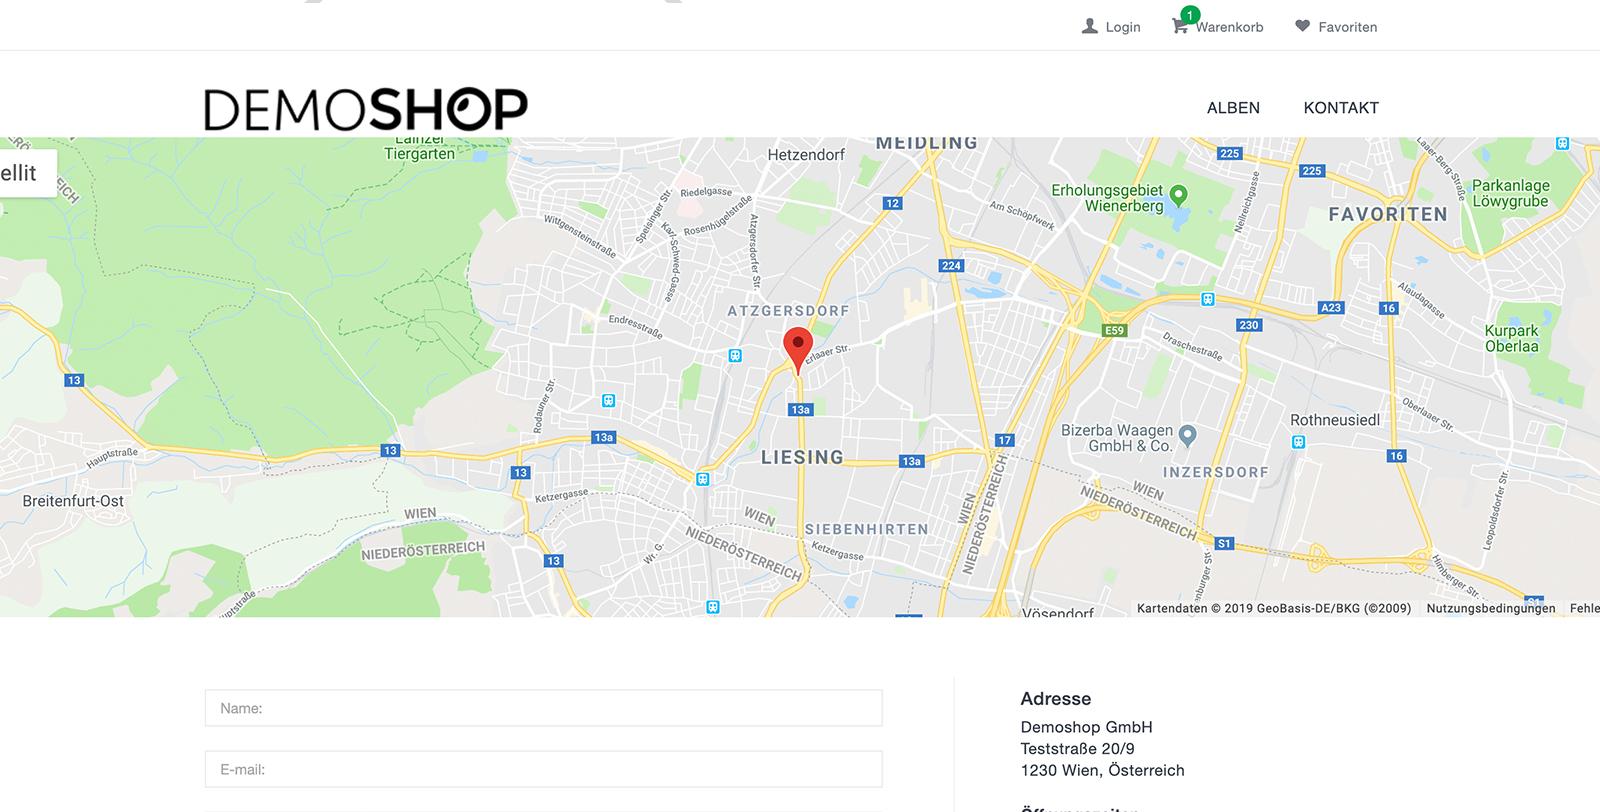 In Jedem Fotografen Webshop Werden Auf Der Kontaktseite Dynamische Landkarten Auf Basis Von Google Maps Angezeigt. Nachdem Google Die Technischen Anforderungen Geändert Hat Musste Die Einbindung In Unser Shopsystem Entsprechend Optimiert Werden.